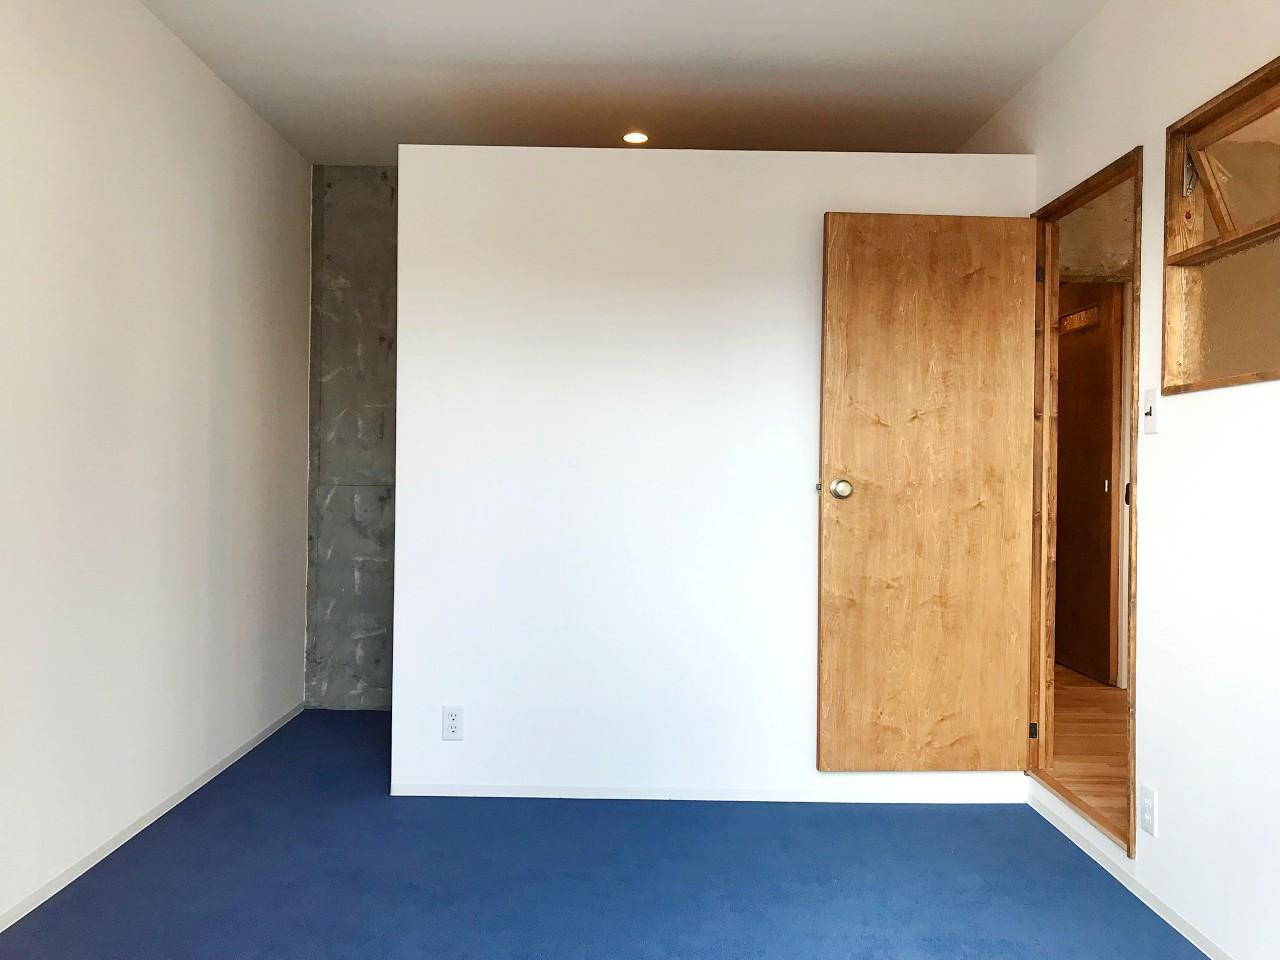 玄関側の個室はブルーのカーペット敷き